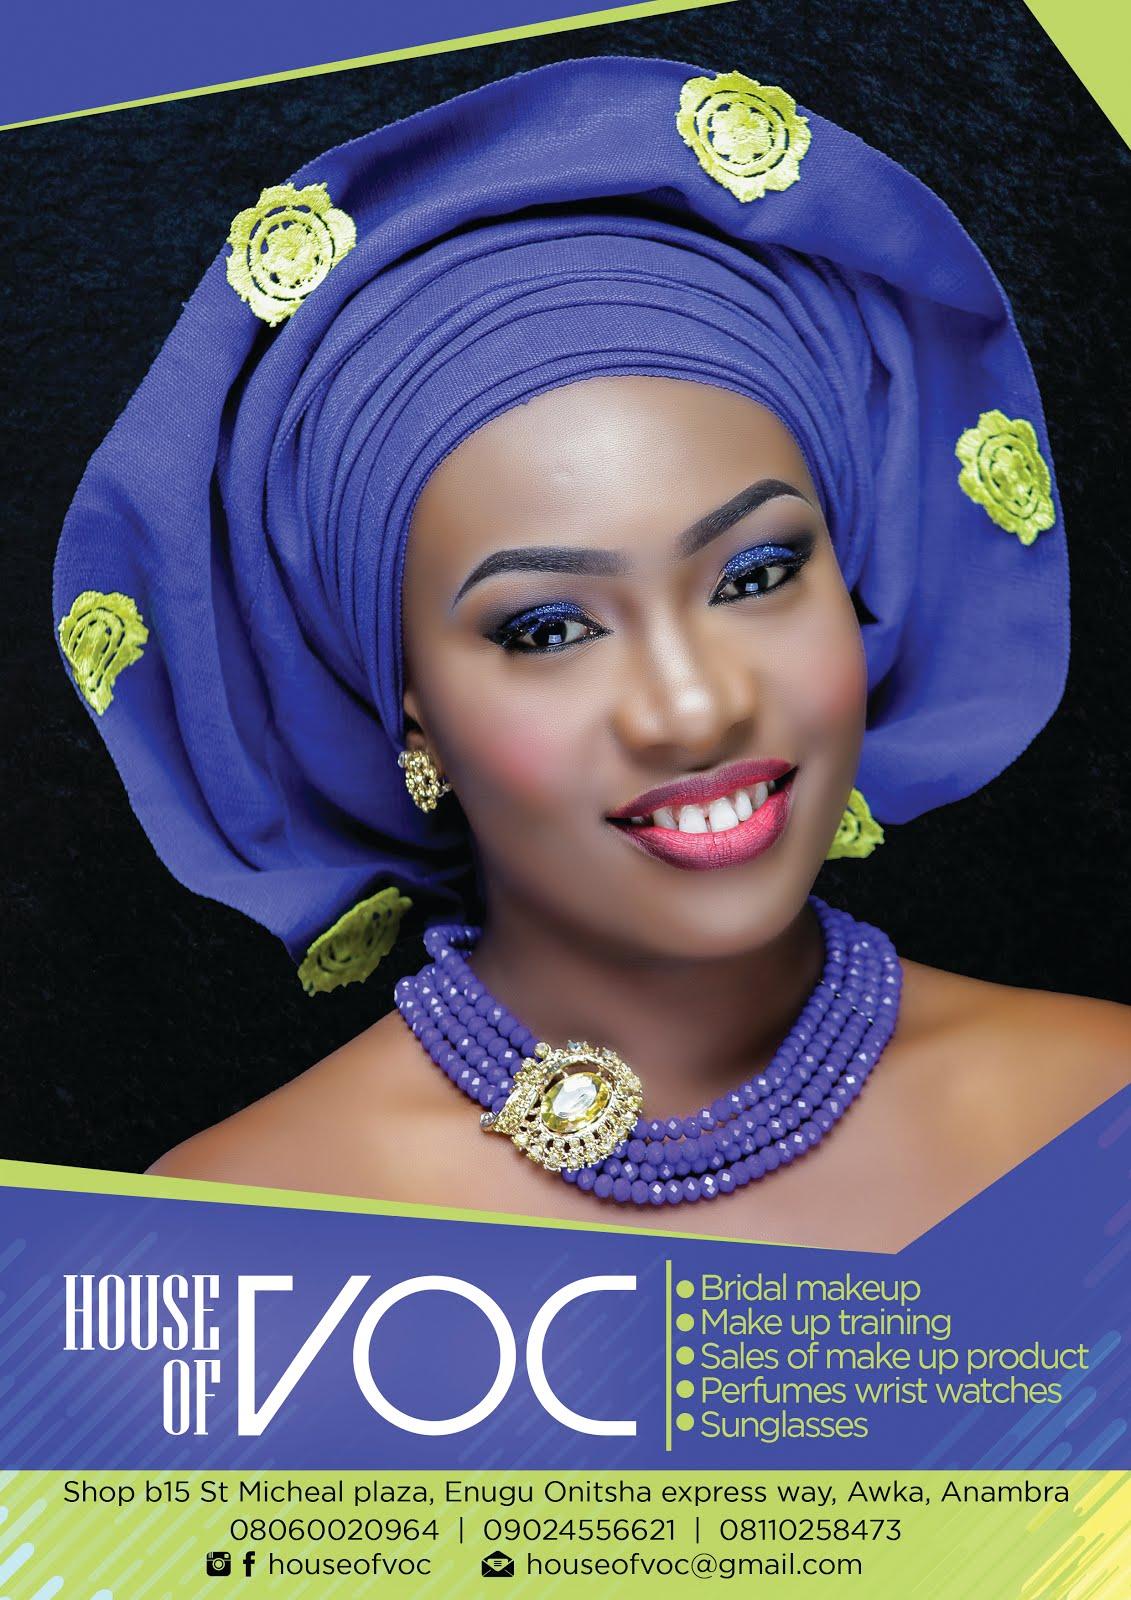 House Of Voc